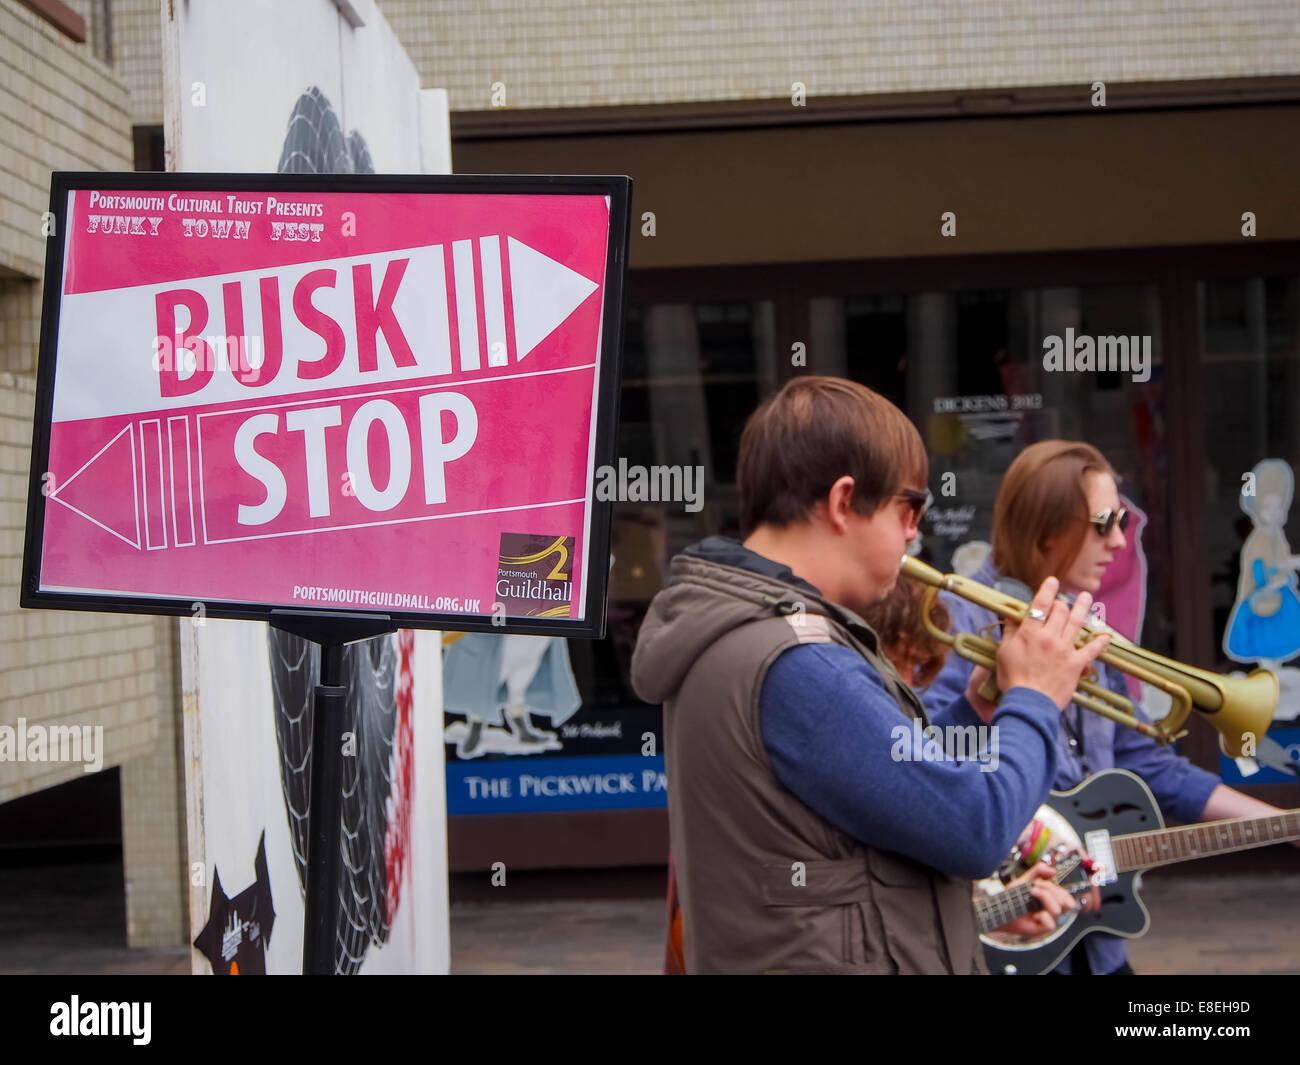 Les amuseurs publics de la rue à un arrêt à Busk Portsmouth Guildhall Square pendant le Festival 2014 Funky Town Banque D'Images